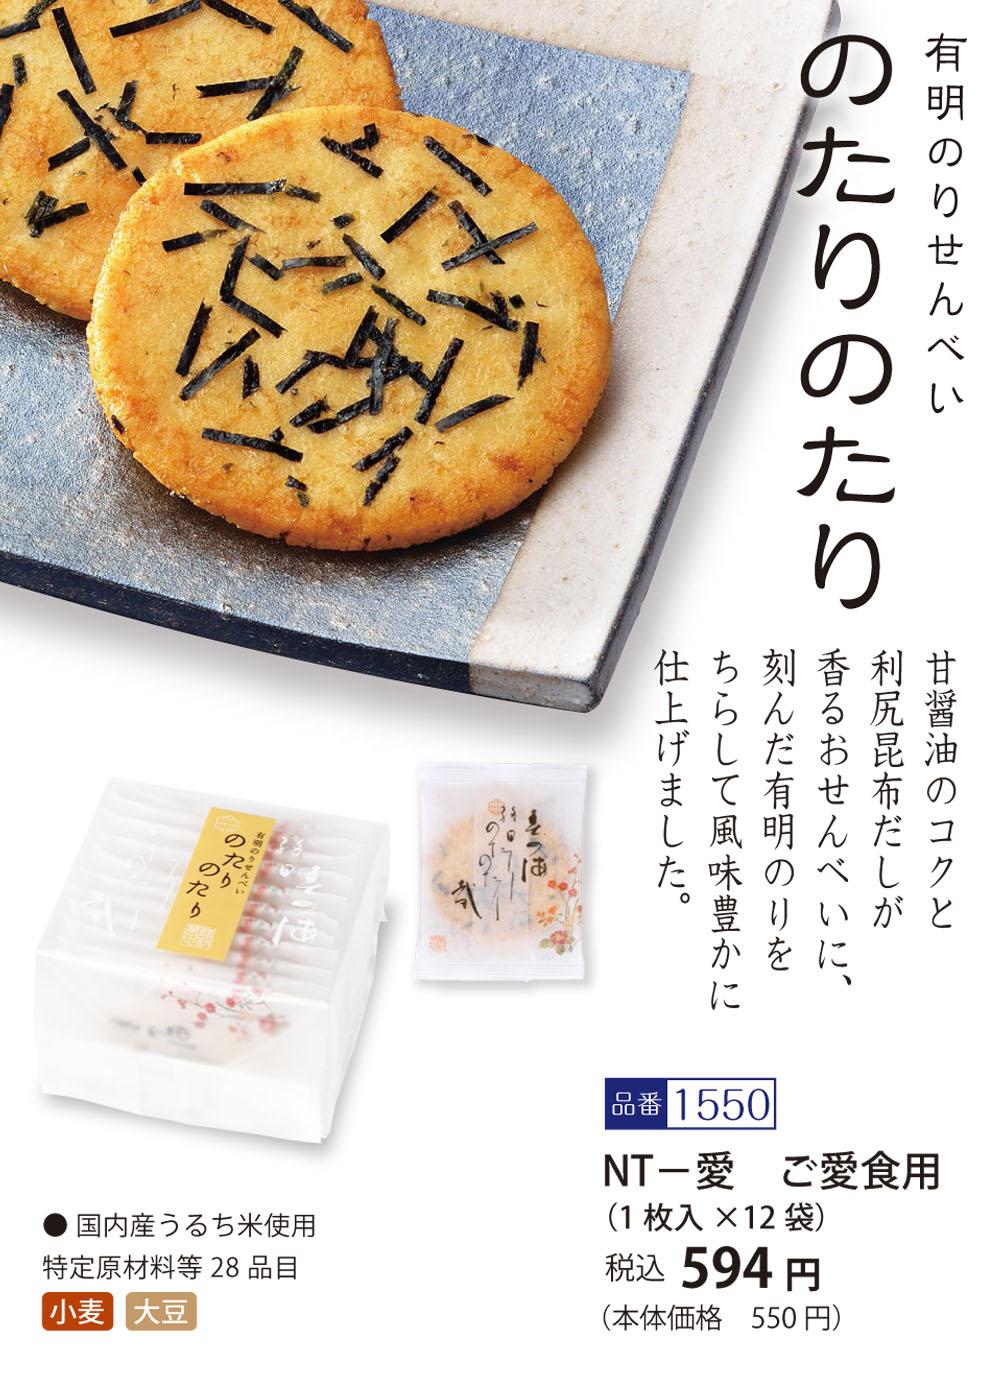 【ご愛食用袋】有明のりせんべい のたりのたり (1枚入×12袋)